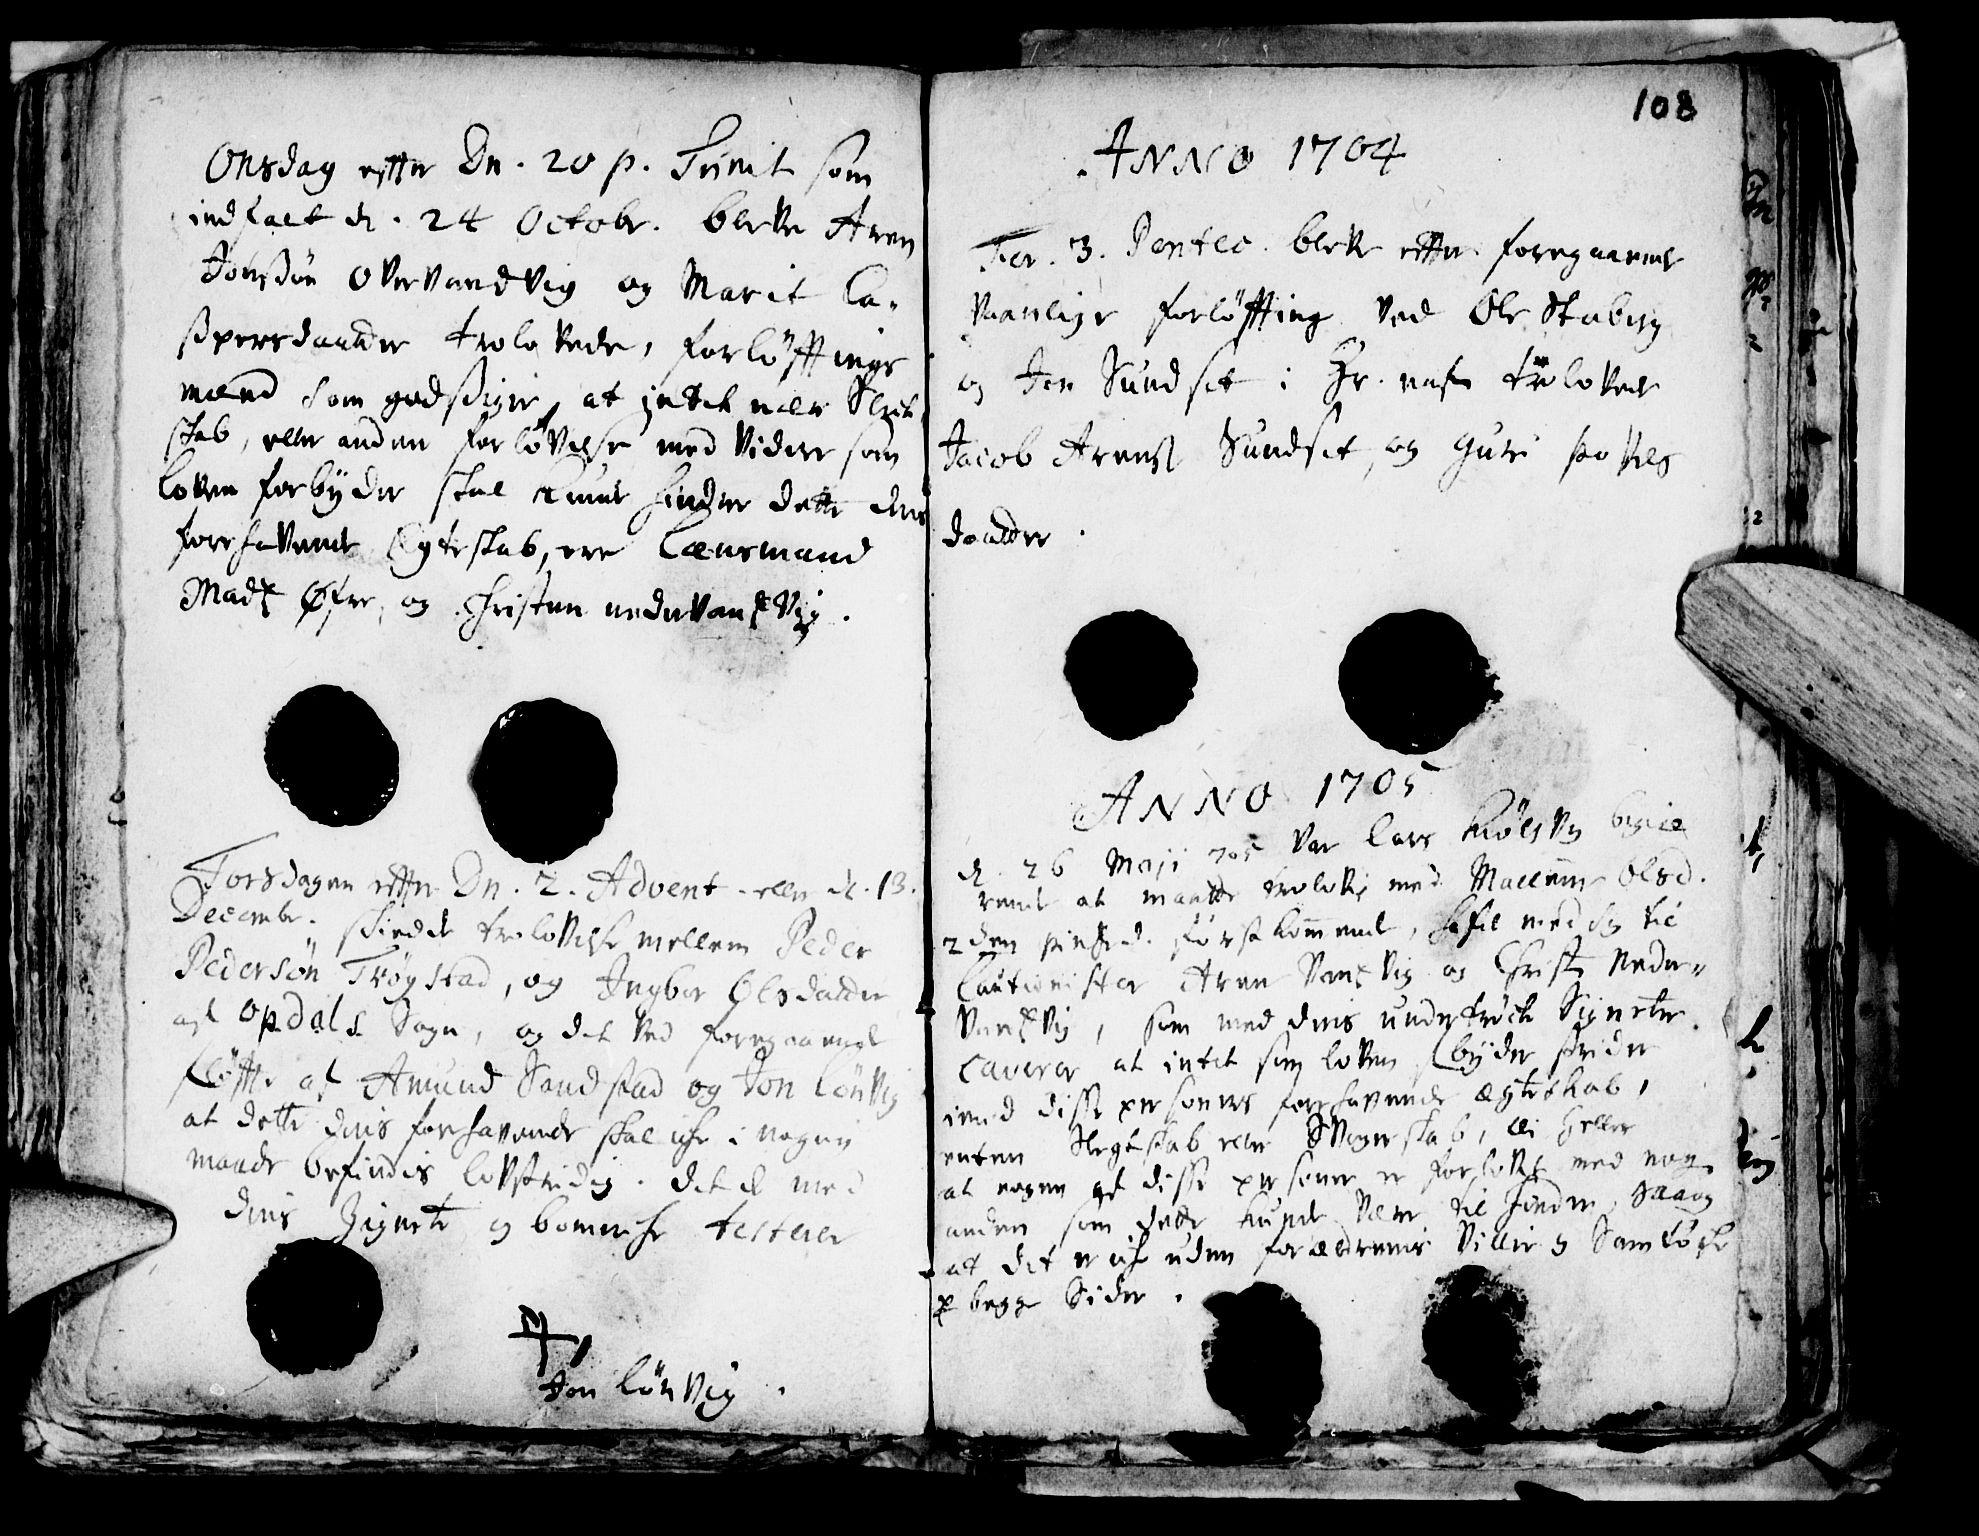 SAT, Ministerialprotokoller, klokkerbøker og fødselsregistre - Nord-Trøndelag, 722/L0214: Ministerialbok nr. 722A01, 1692-1718, s. 108